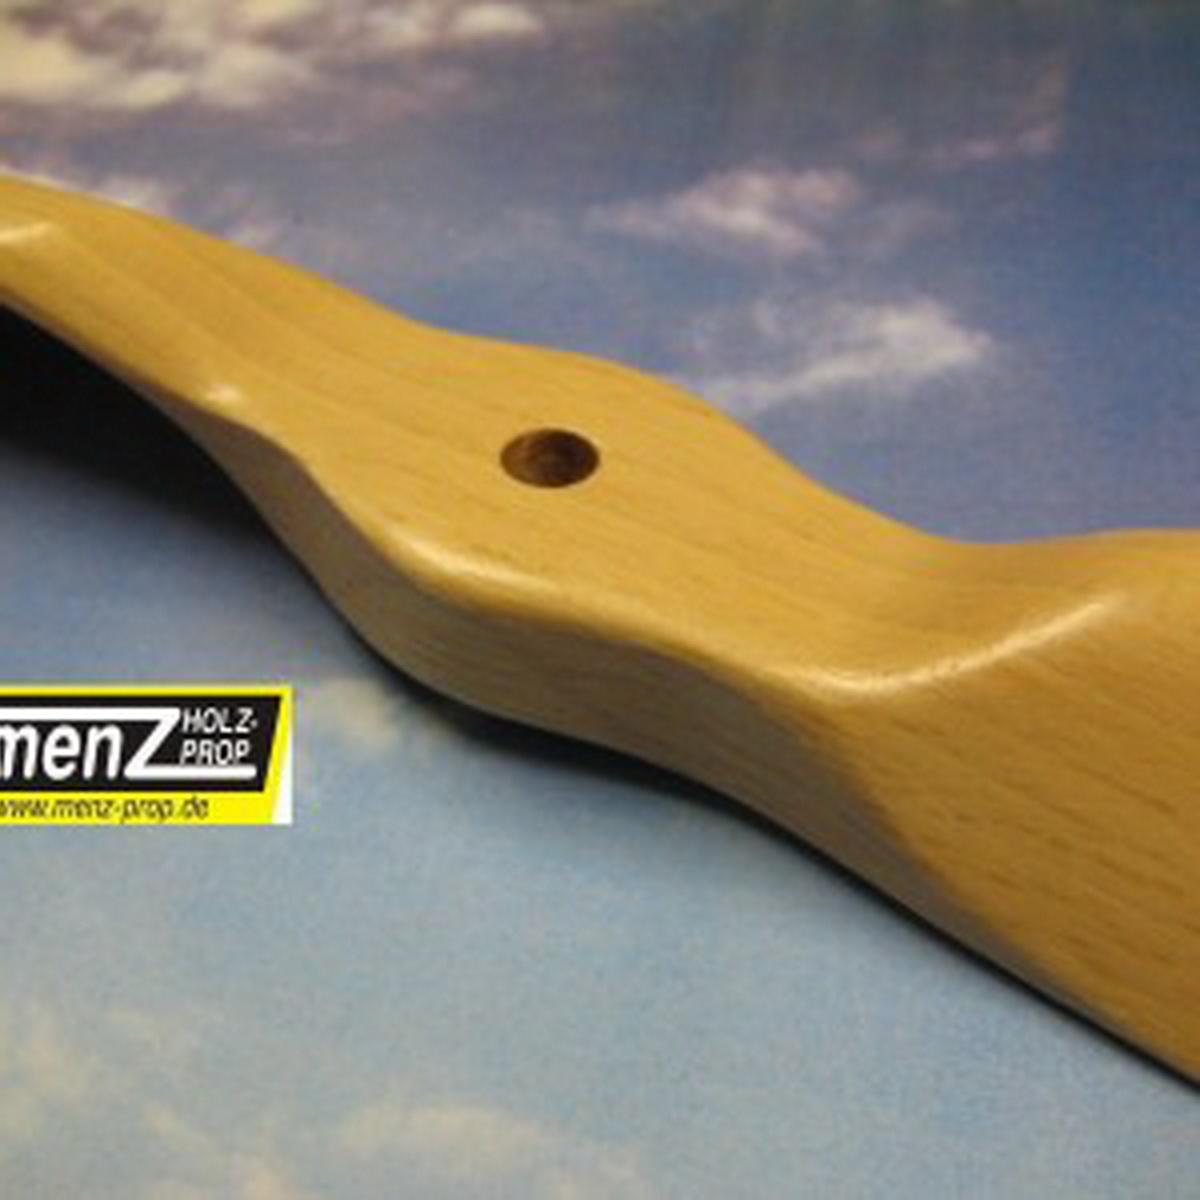 Holzluftschraube Menz E 20x9